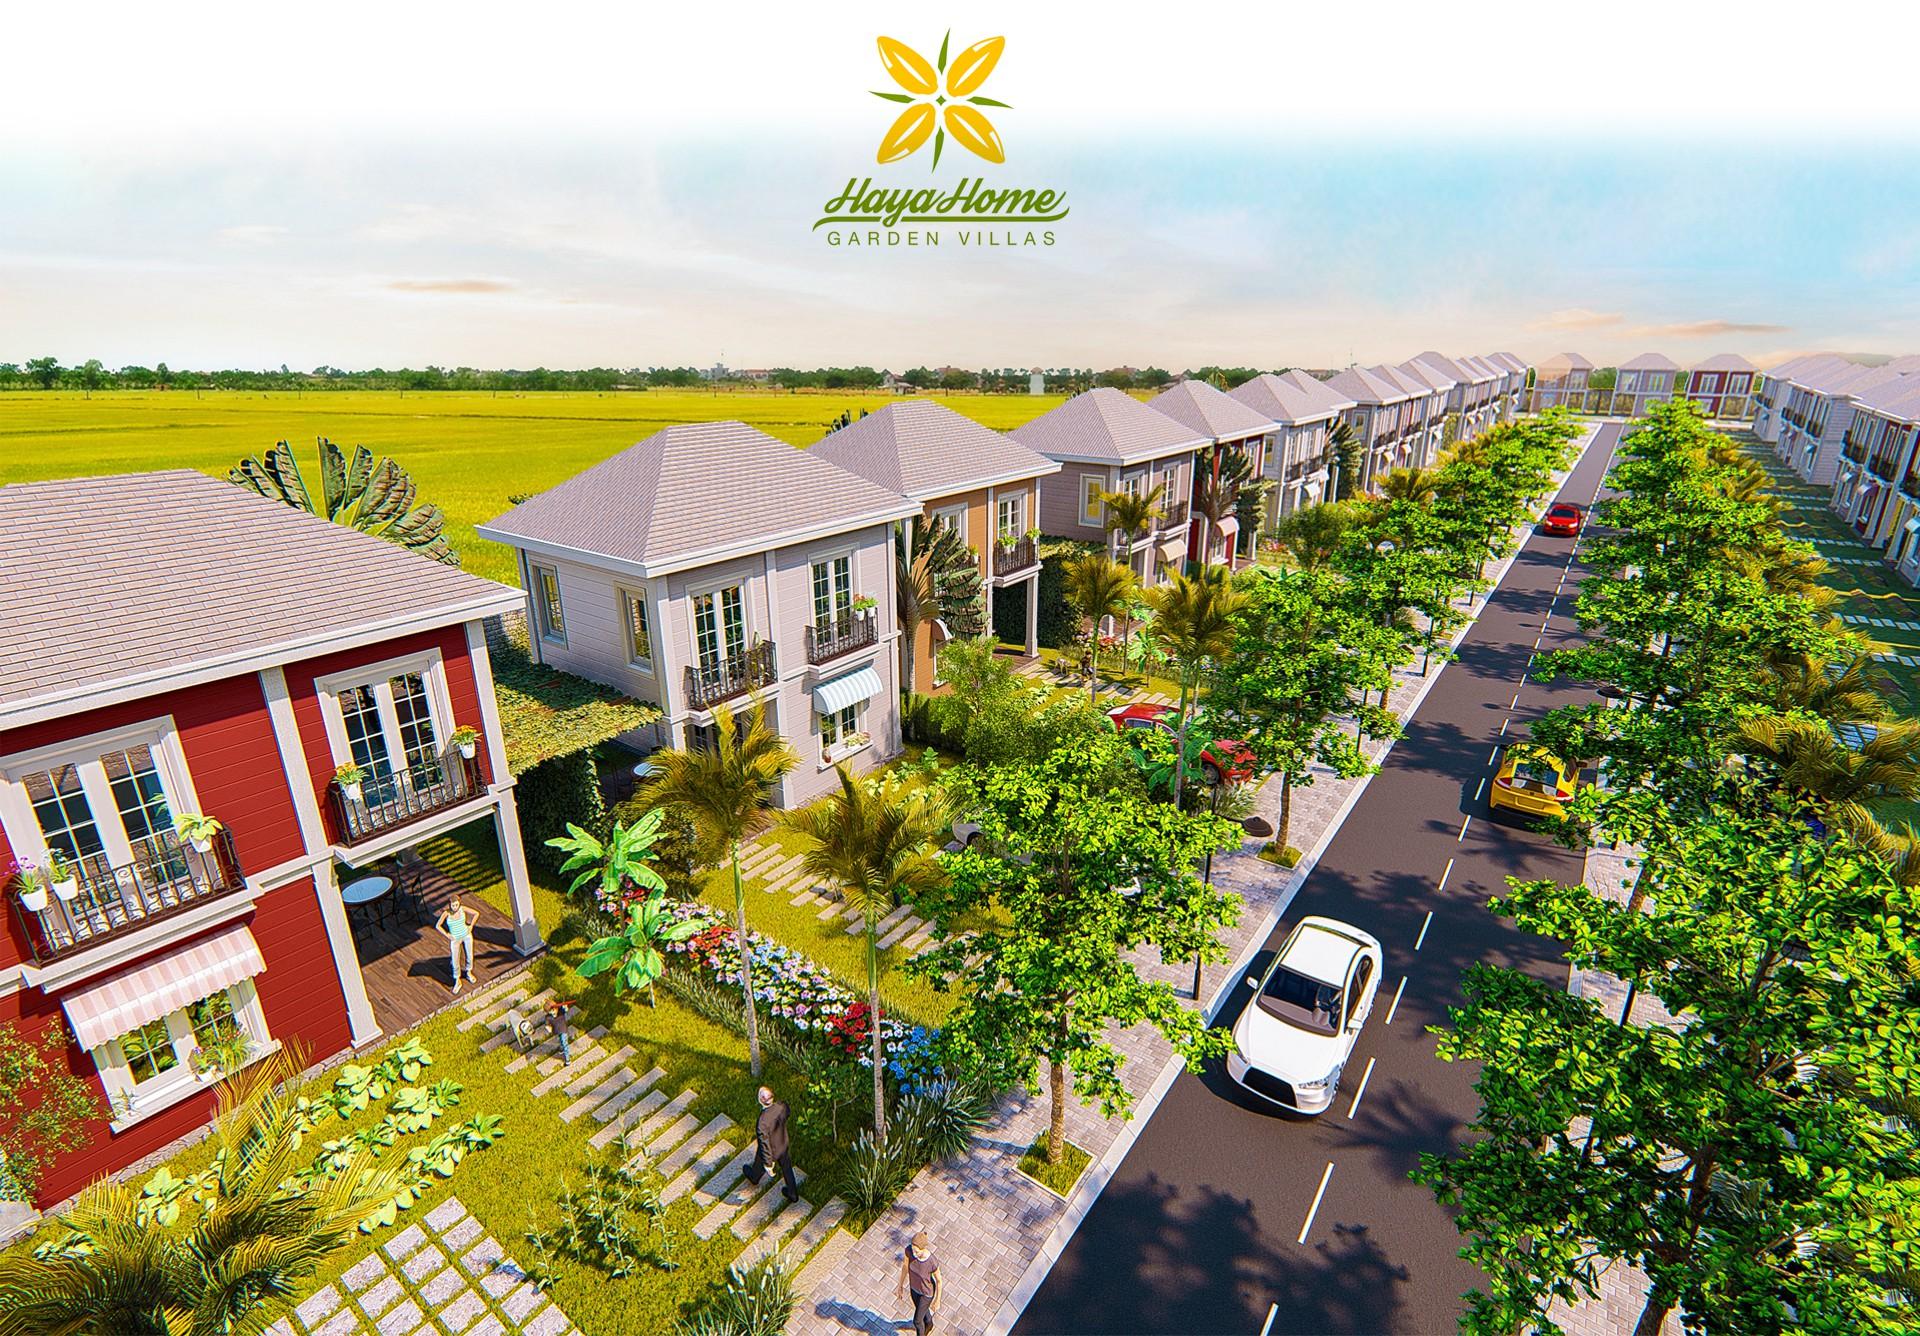 HayaHome - Phát triển mô hình biệt thự nhà vườn là phương thức bảo tồn thiên nhiên miền Tây - Ảnh 16.